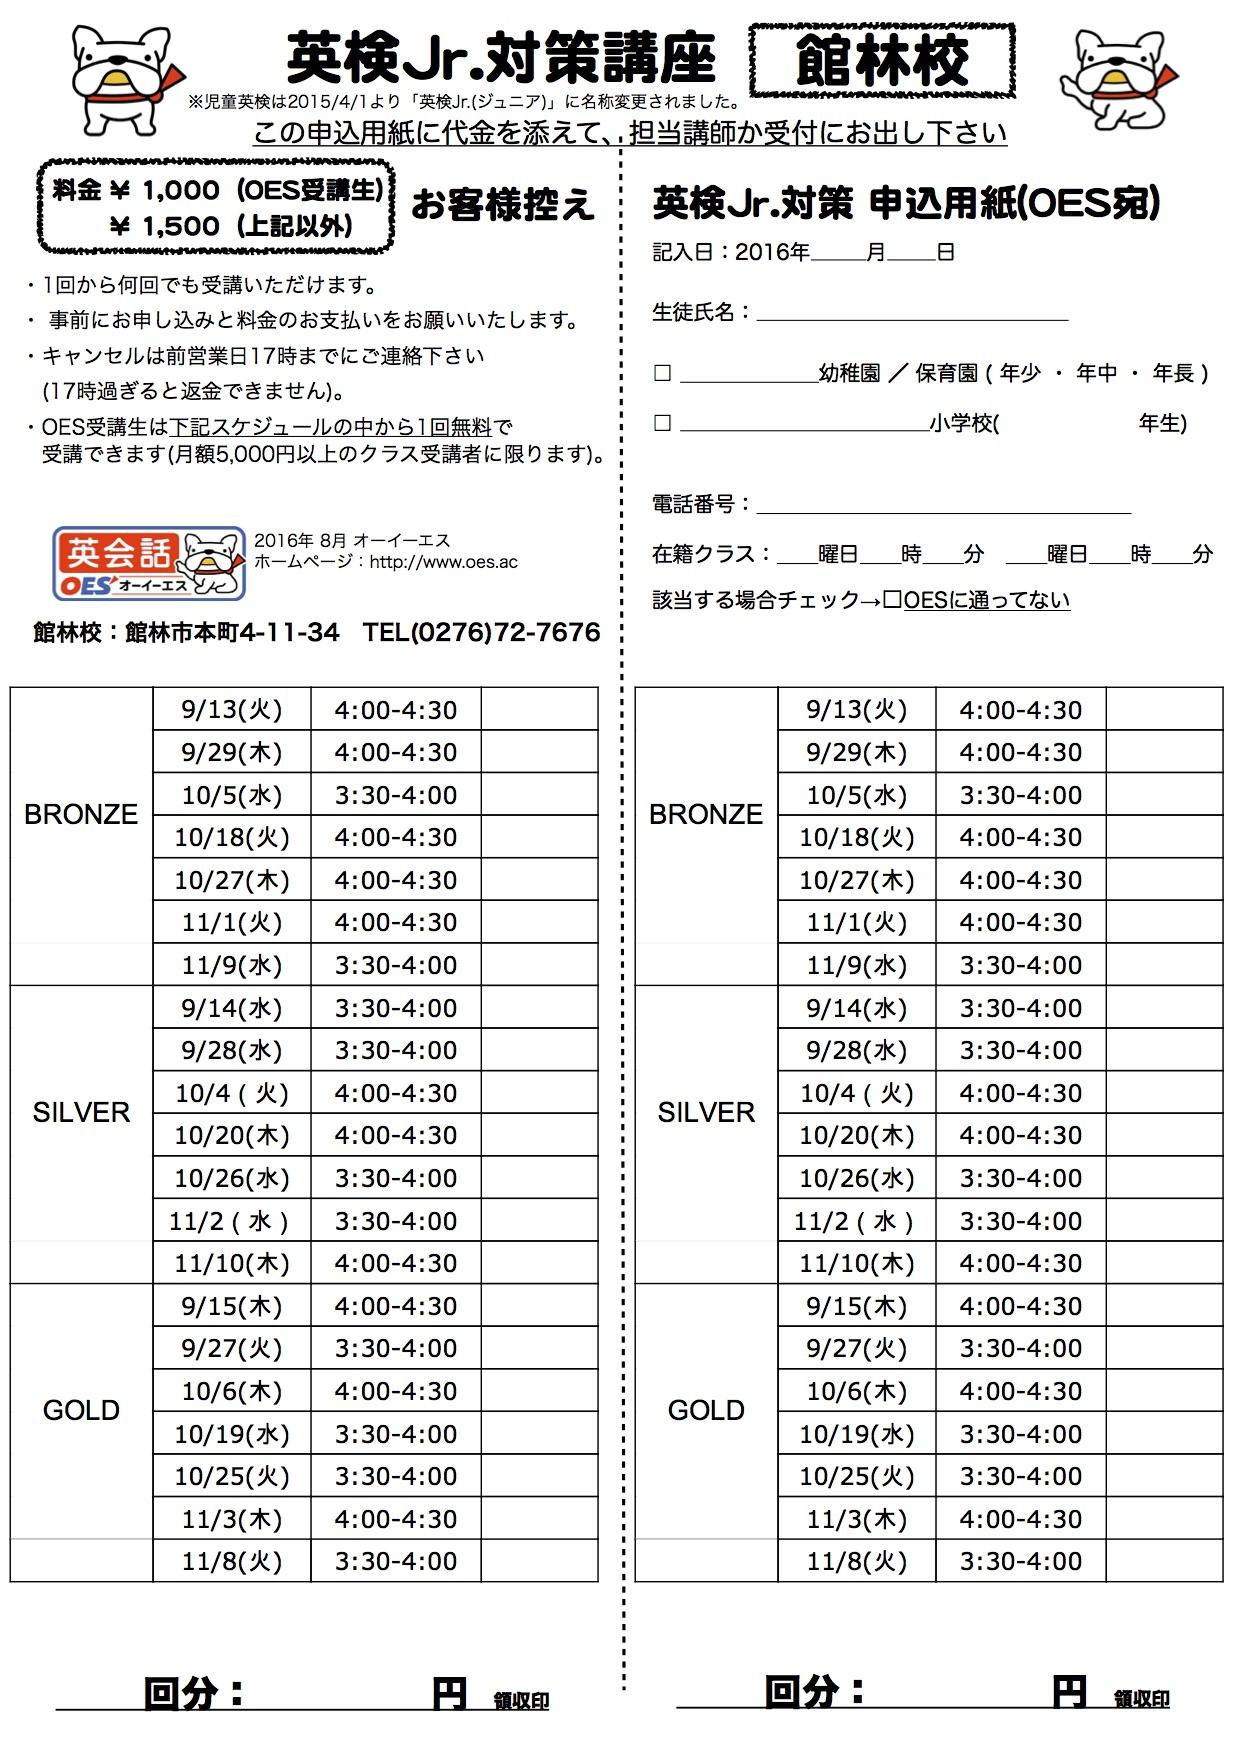 申込用紙 2016-2 館林校 9-11月